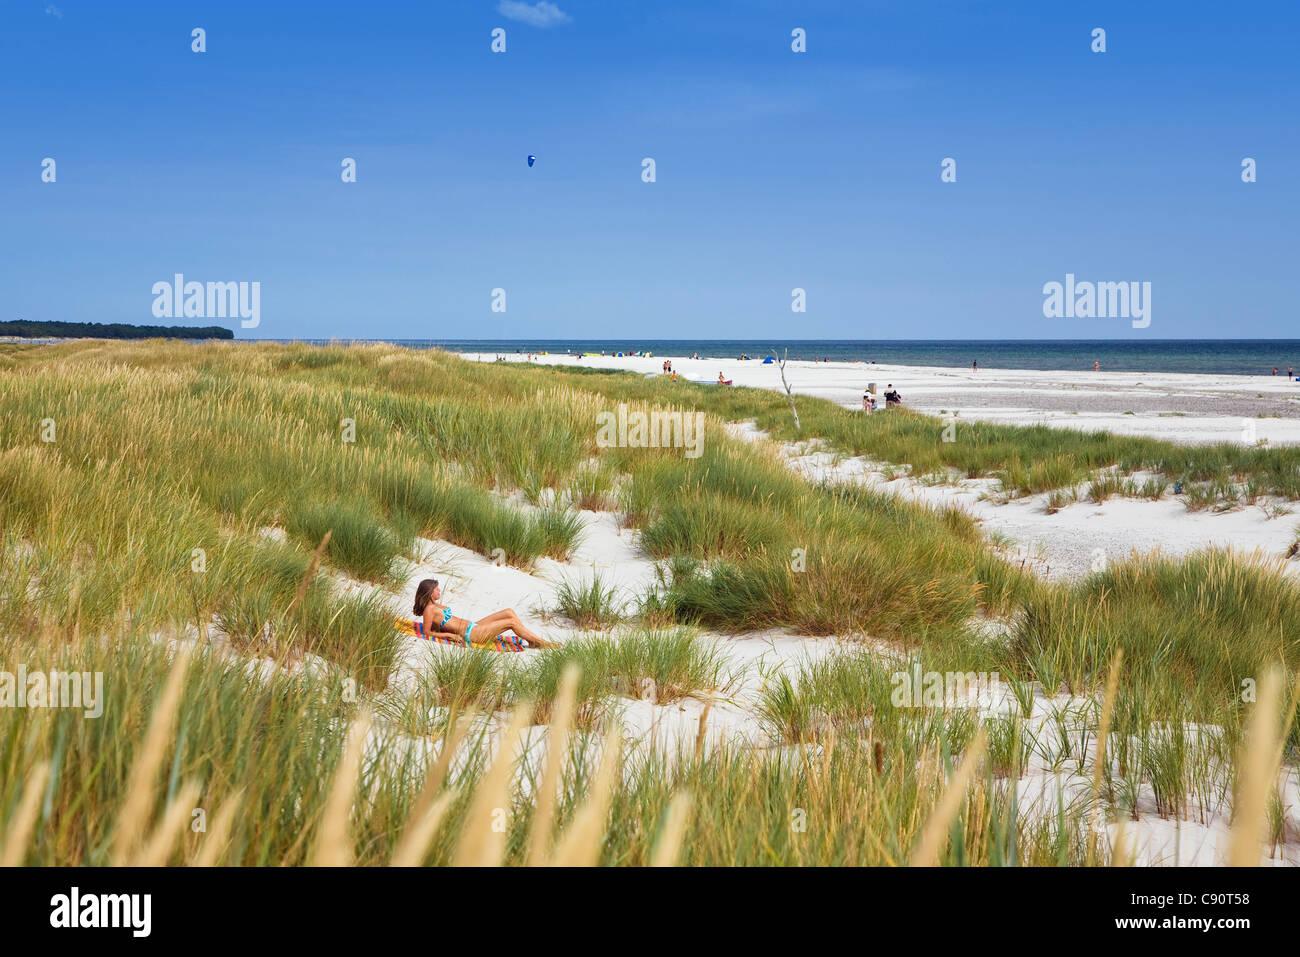 Femme, 40 ans, un bain de soleil dans les dunes de plage Dueodde, Bornholm, Danemark, Europe Photo Stock